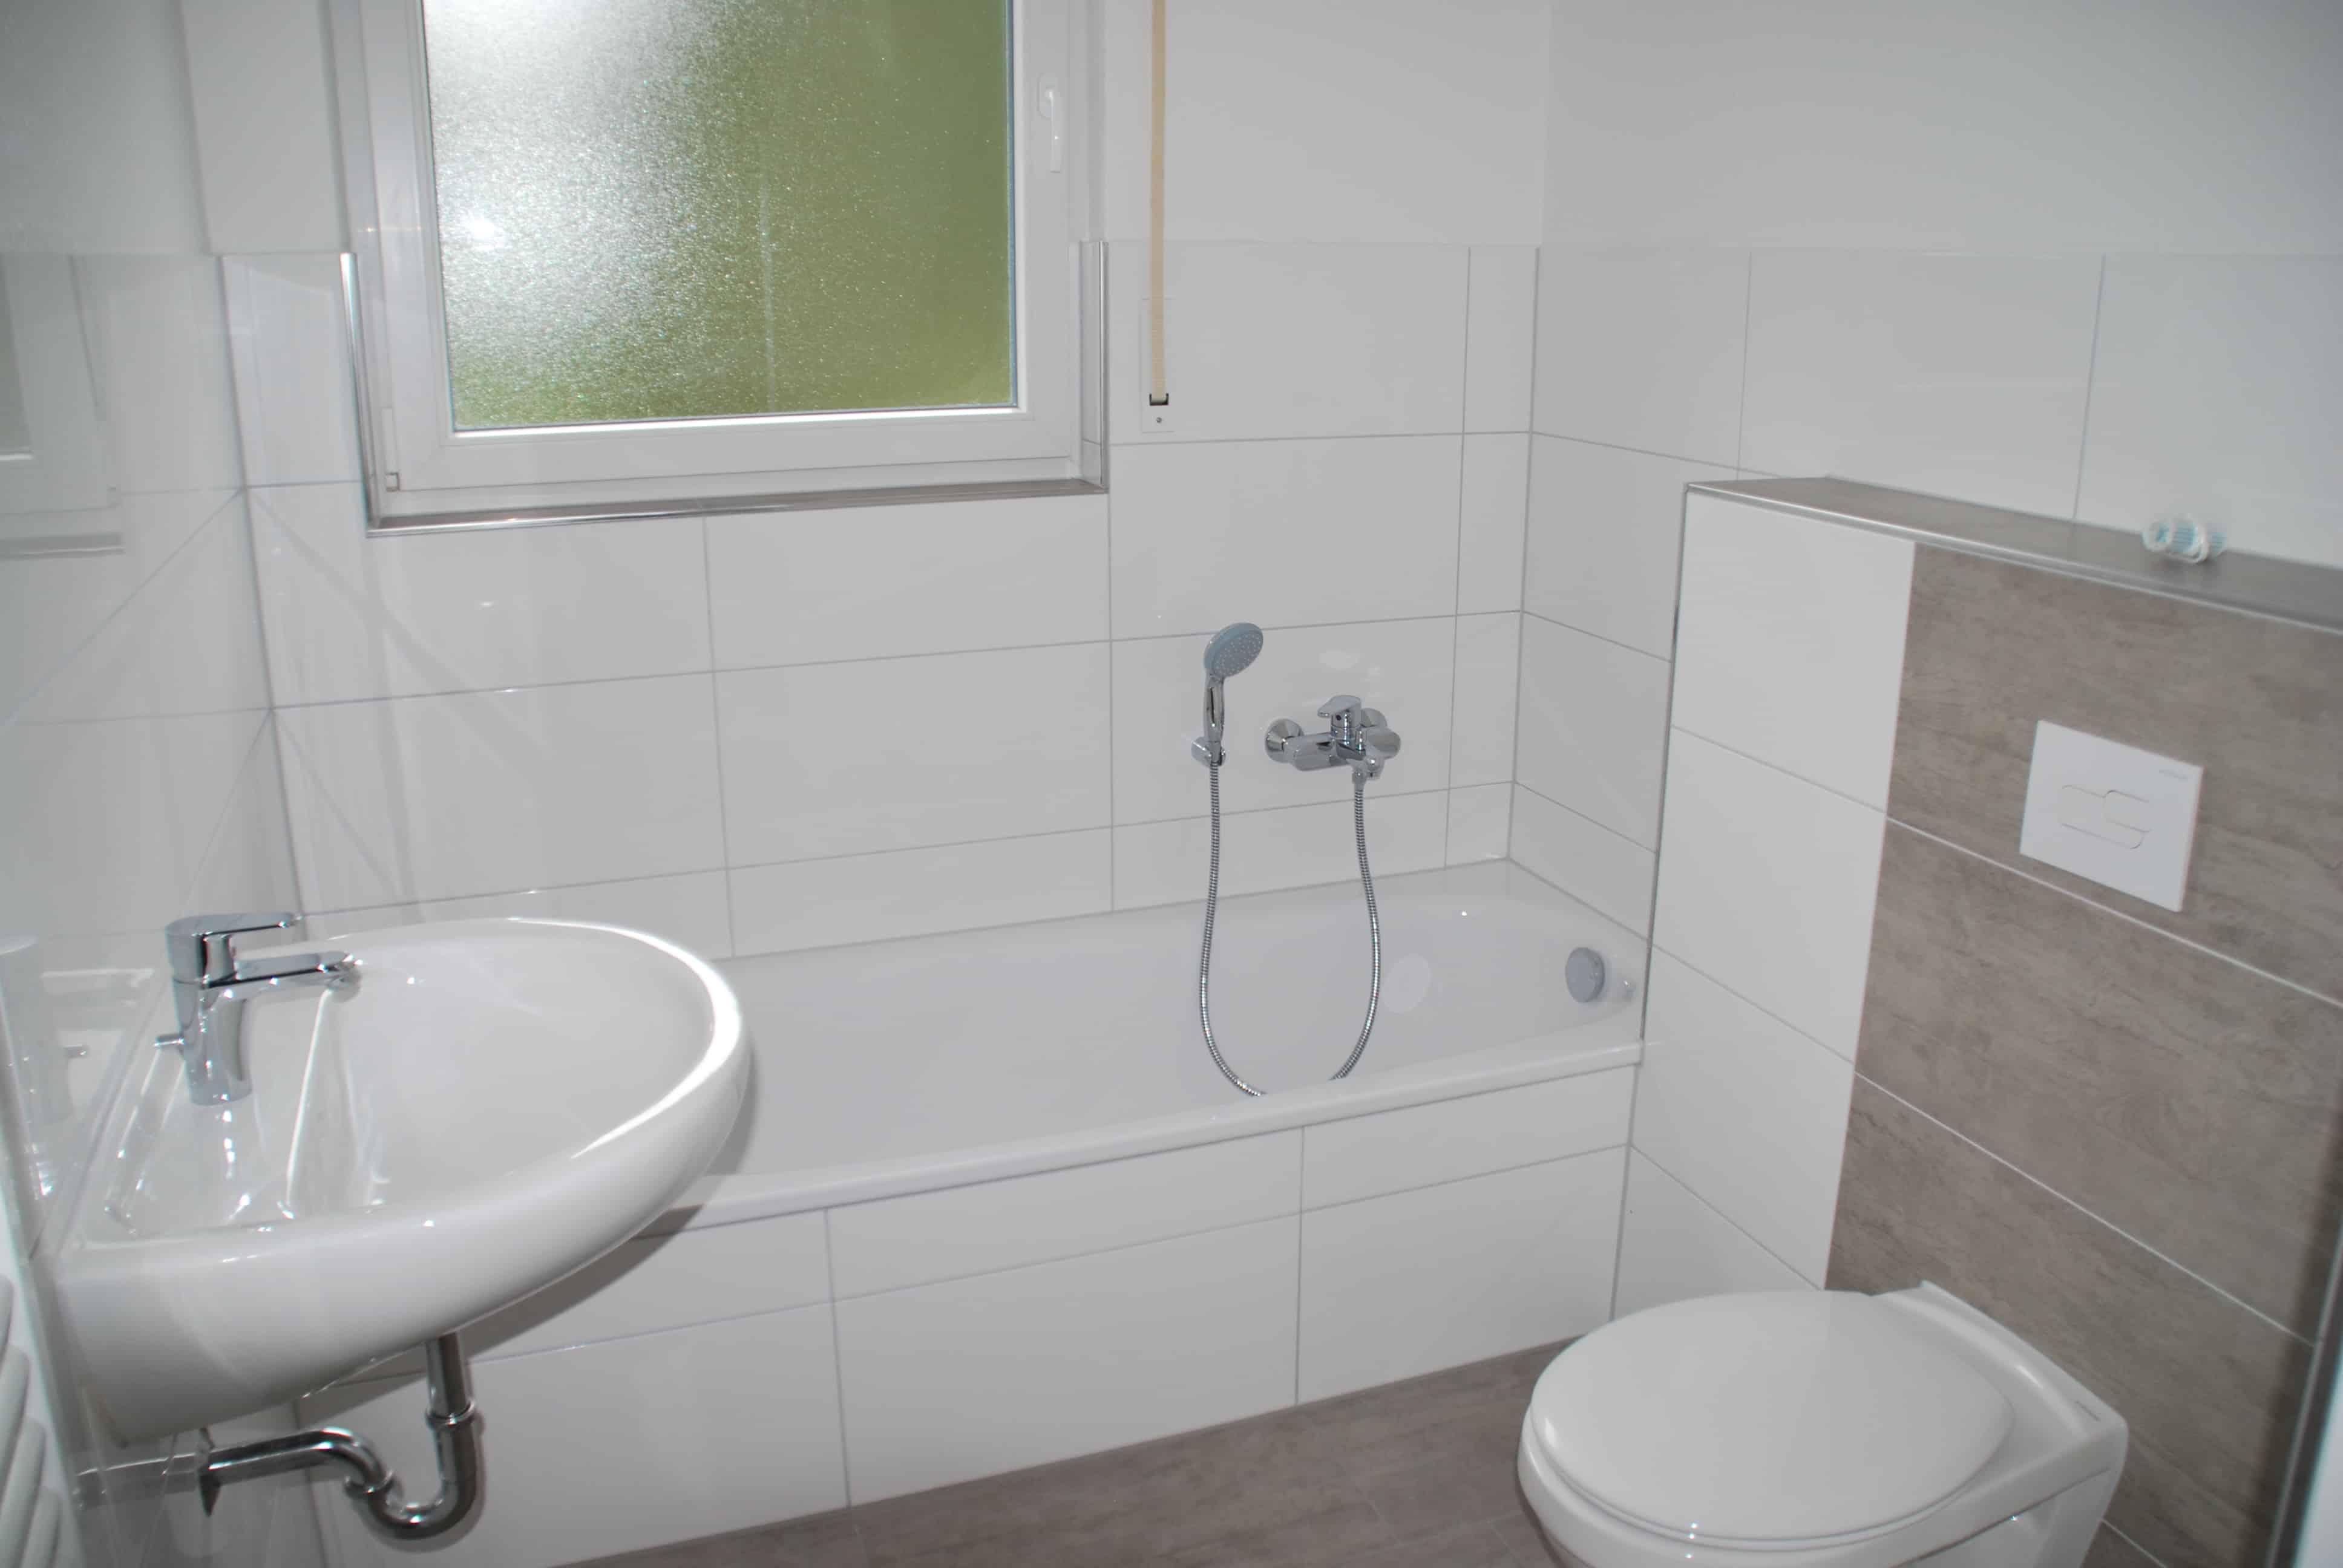 Badezimmer in Iserlohn